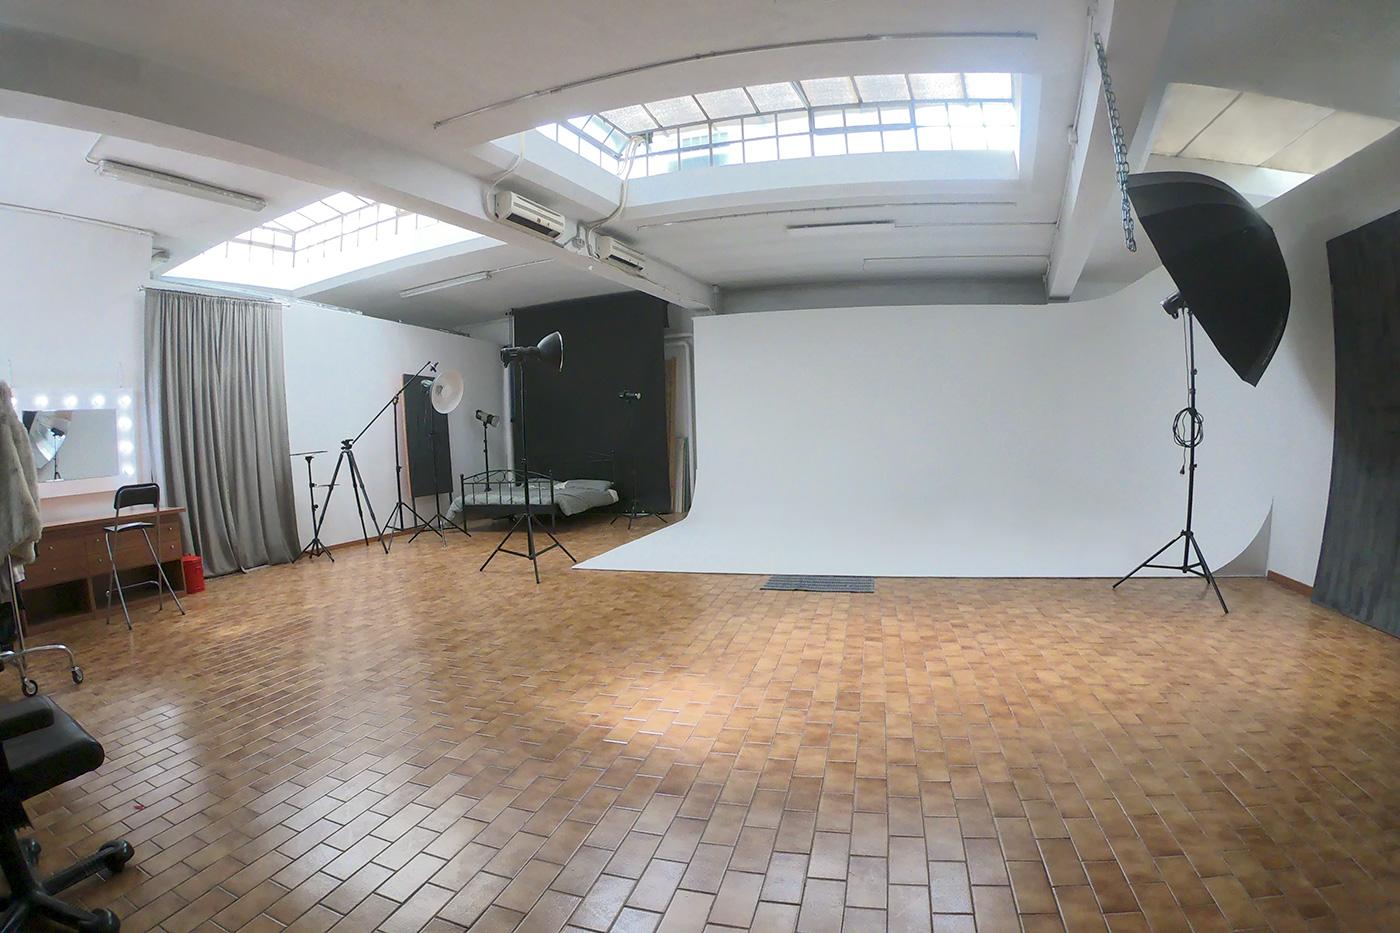 noleggio Studio fotografico Torino sala posa Torino noleggio